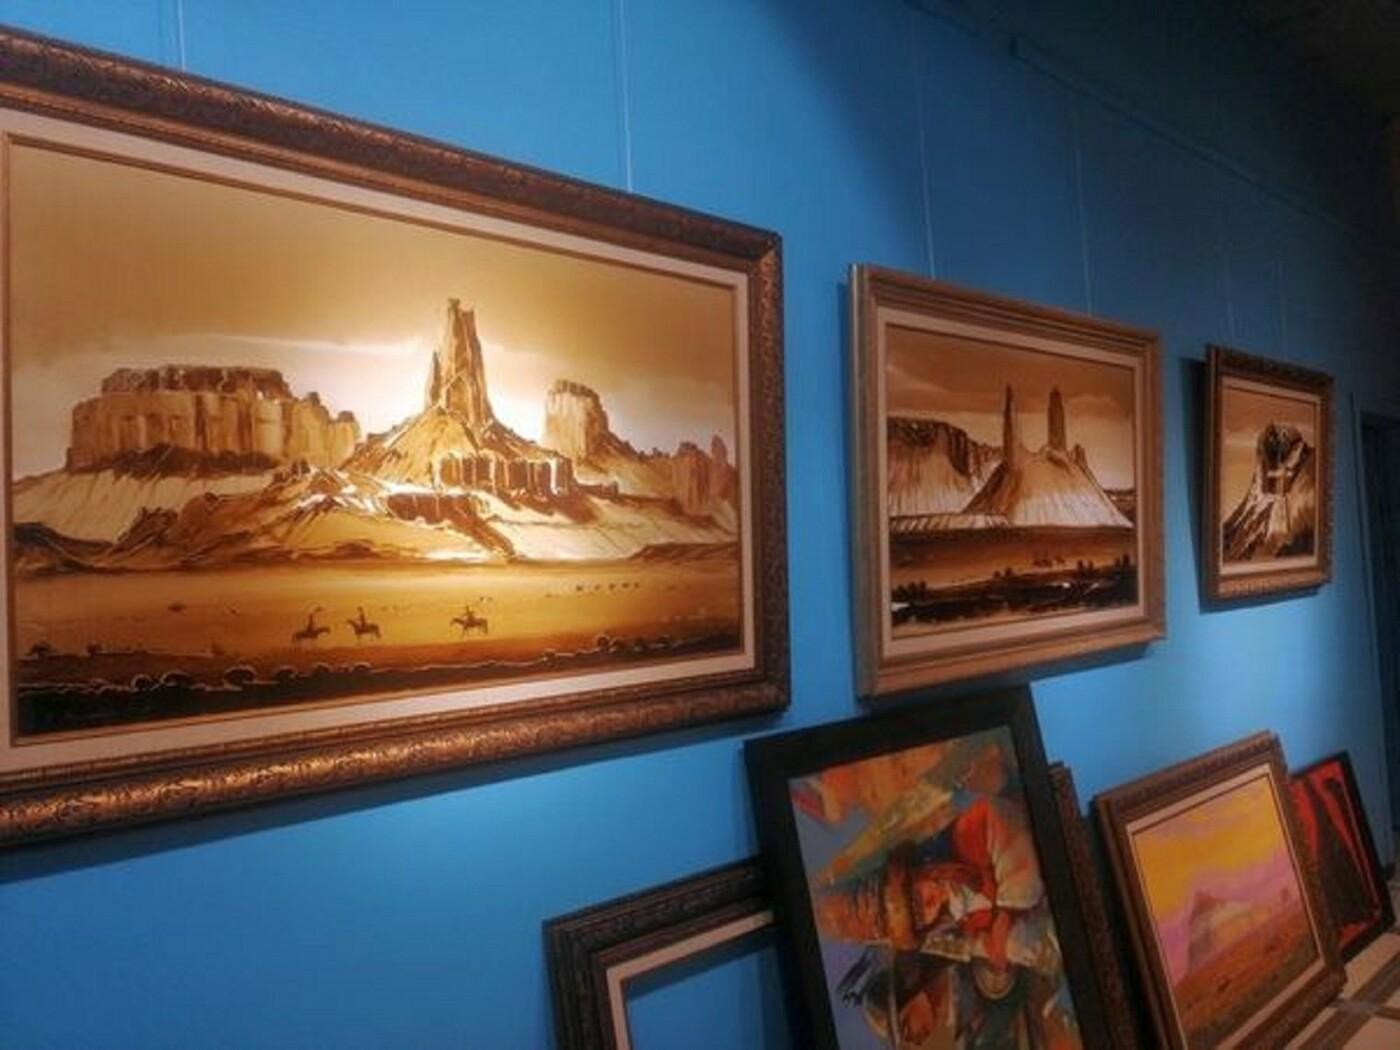 Художники в Актау рисуют пейзажи нефтью, фото-2